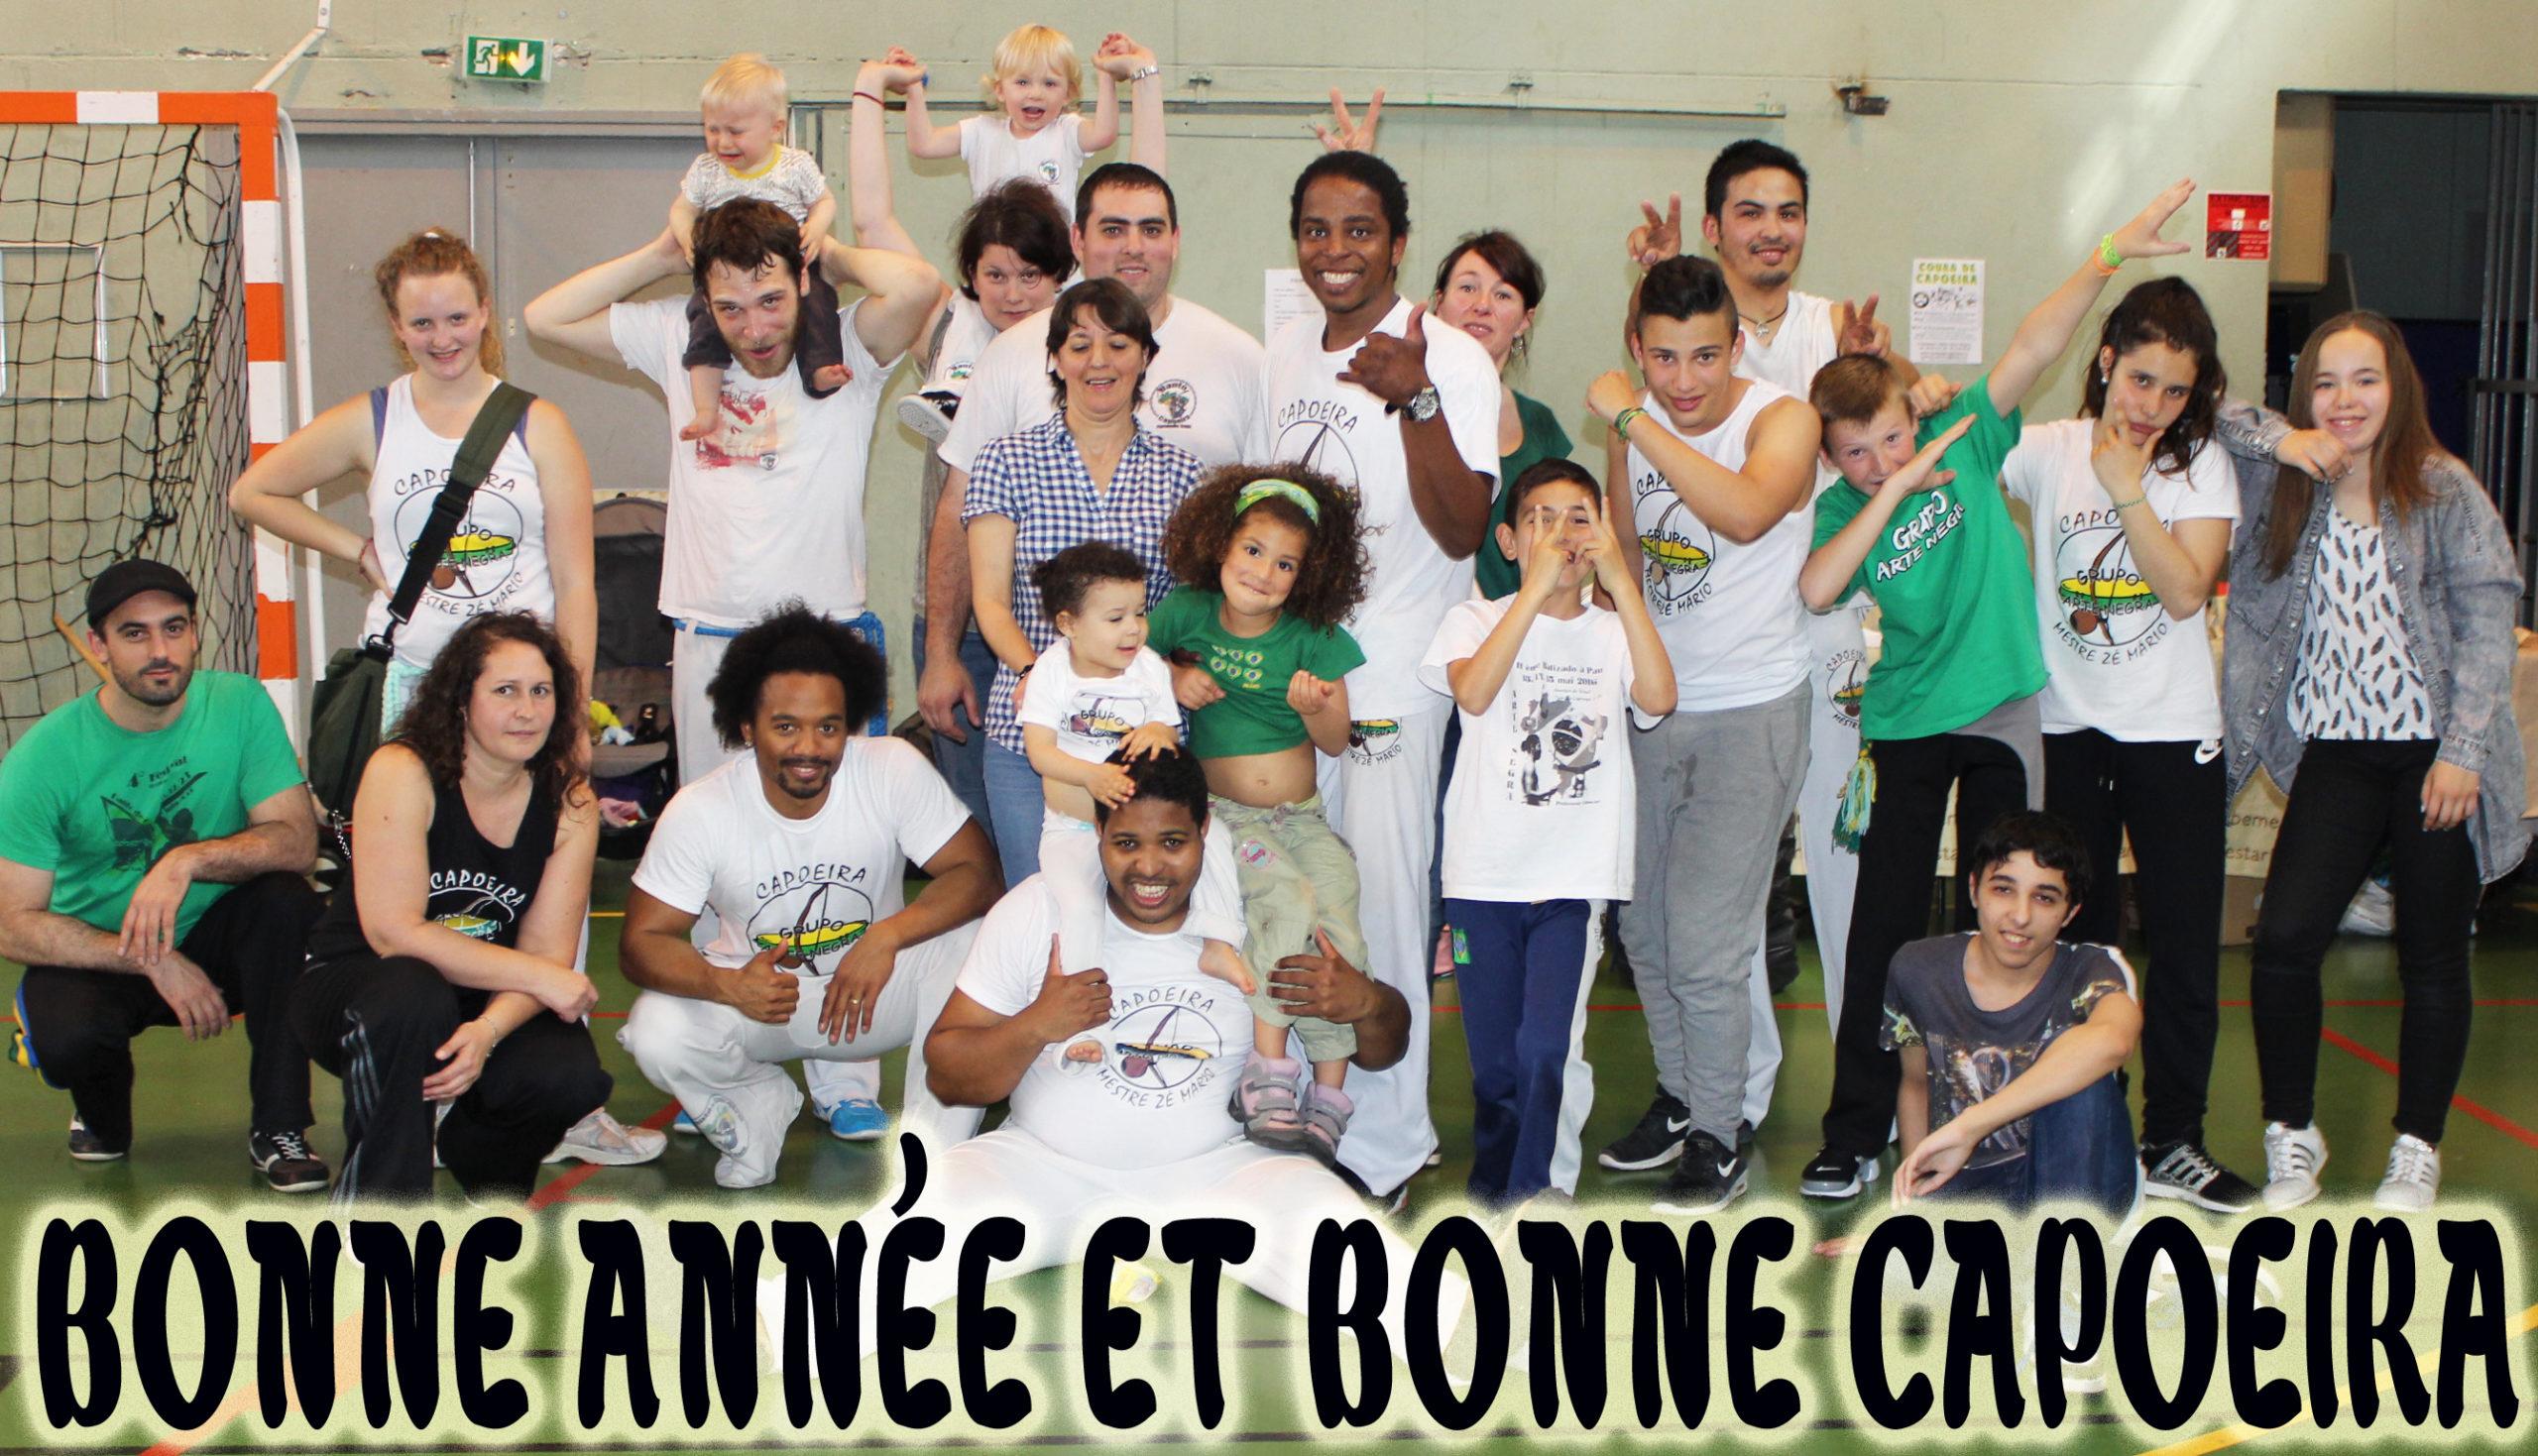 capoeira toulouse - bonne année